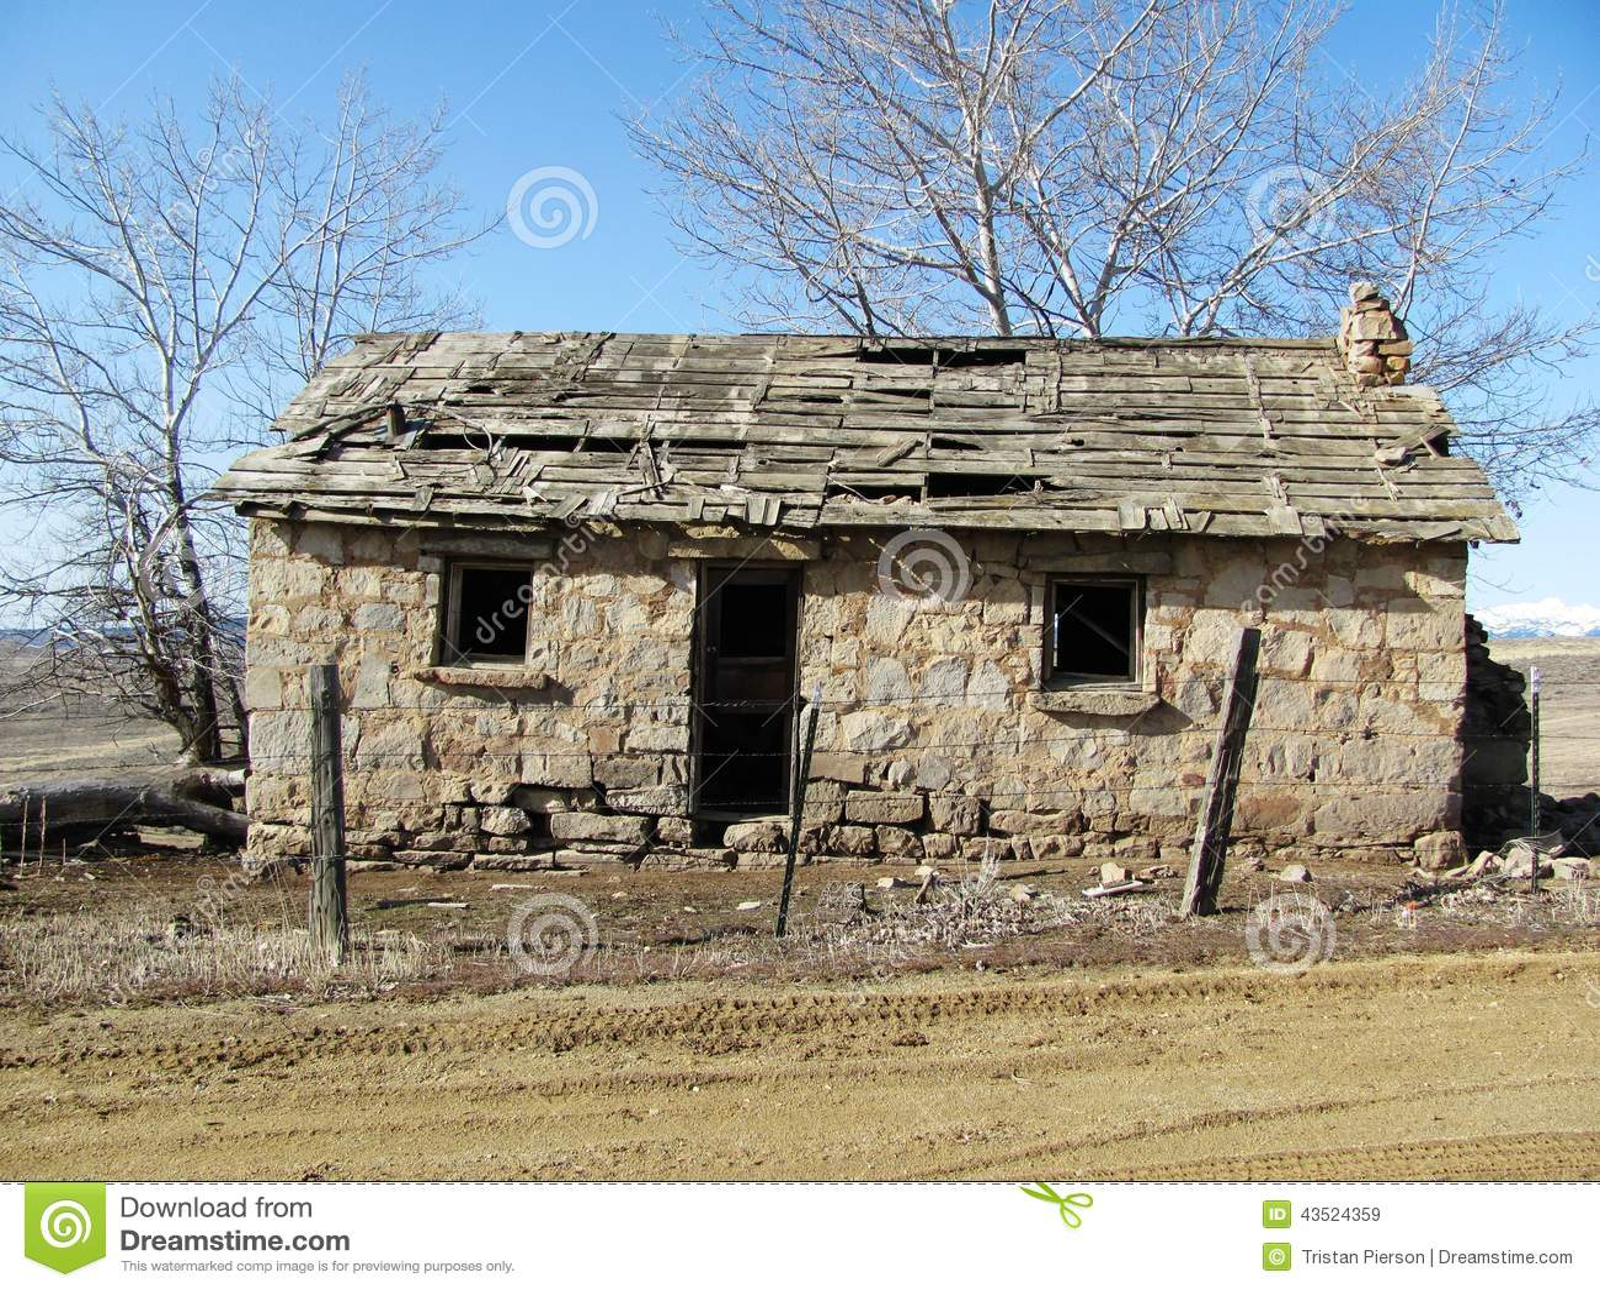 vieille maison en pierre image stock image du oriental. Black Bedroom Furniture Sets. Home Design Ideas